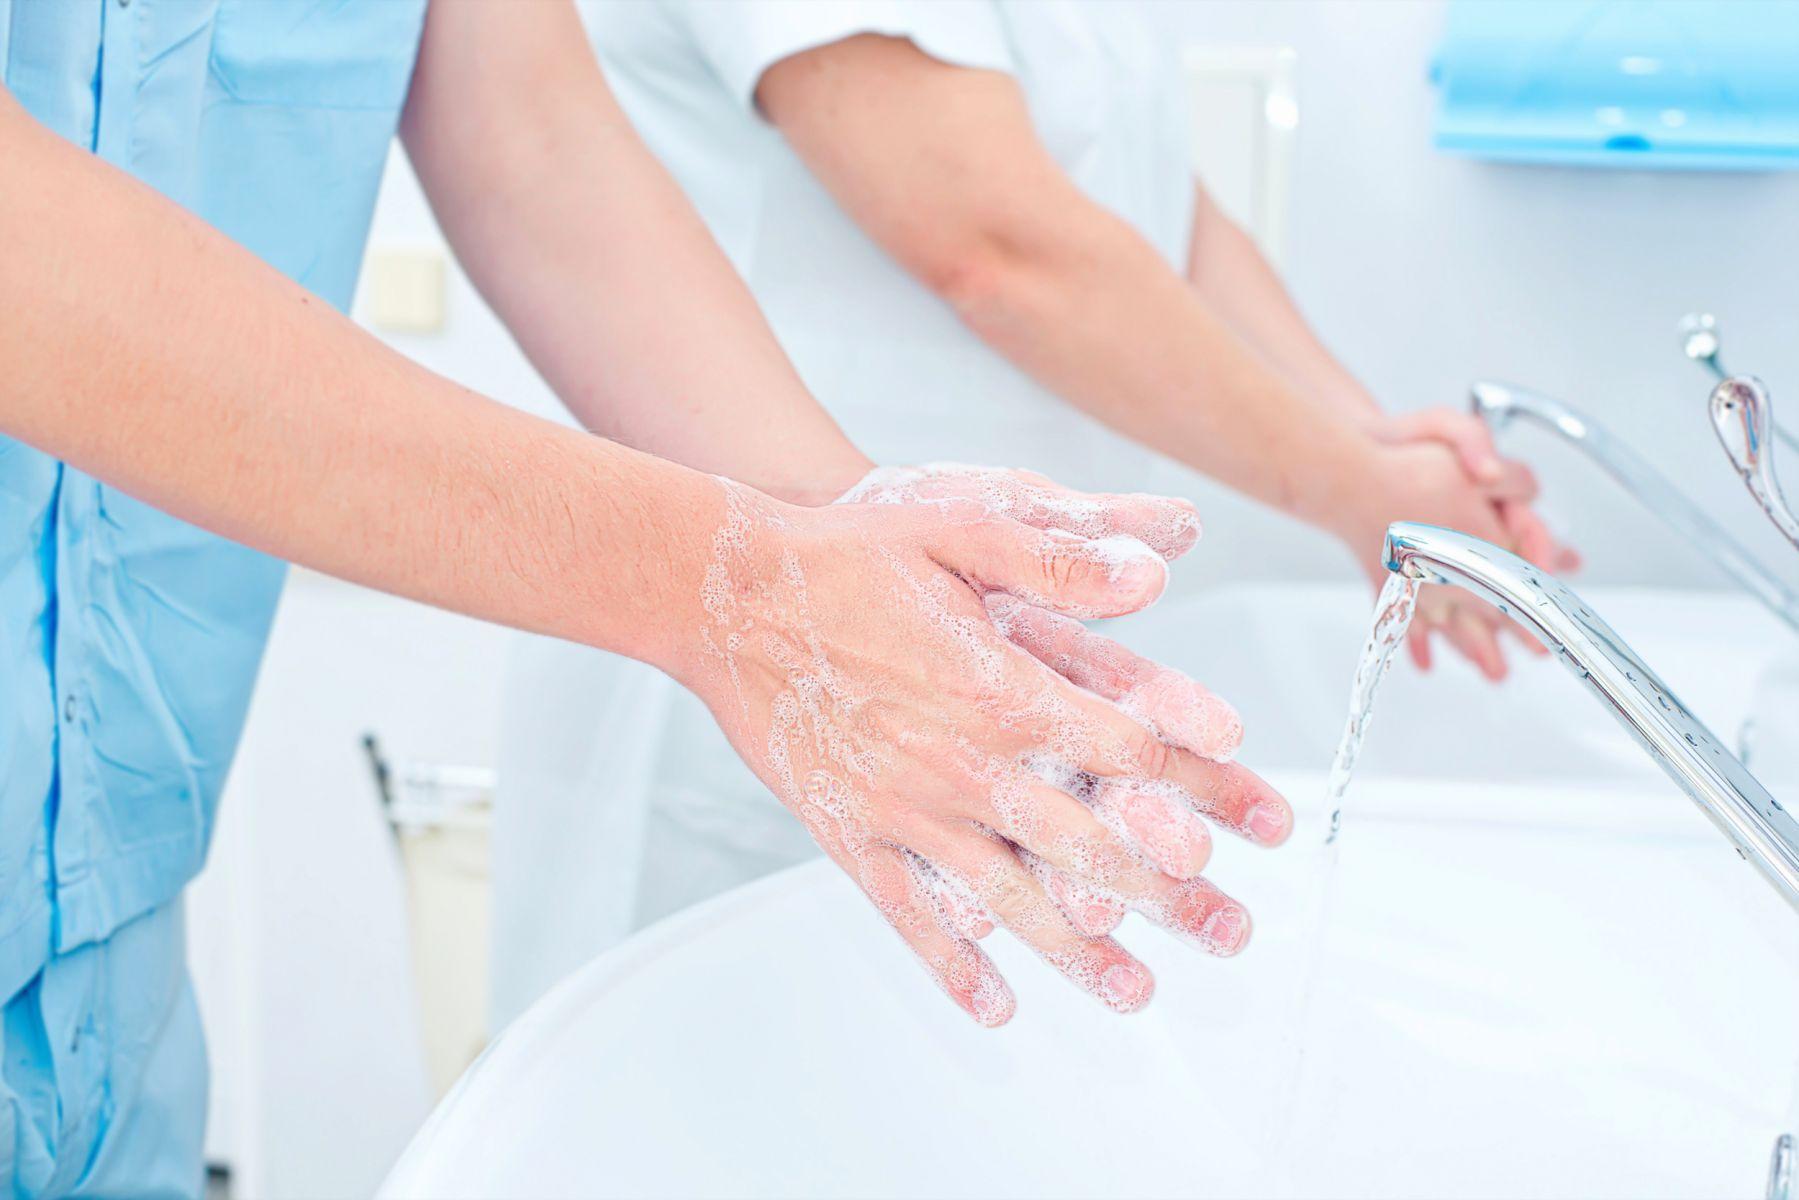 武漢肺炎》洗手完馬上噴75%酒精能徹底消毒?手脫皮、紅癢怎麼辦?醫師提醒3事項杜絕病毒、殺菌!